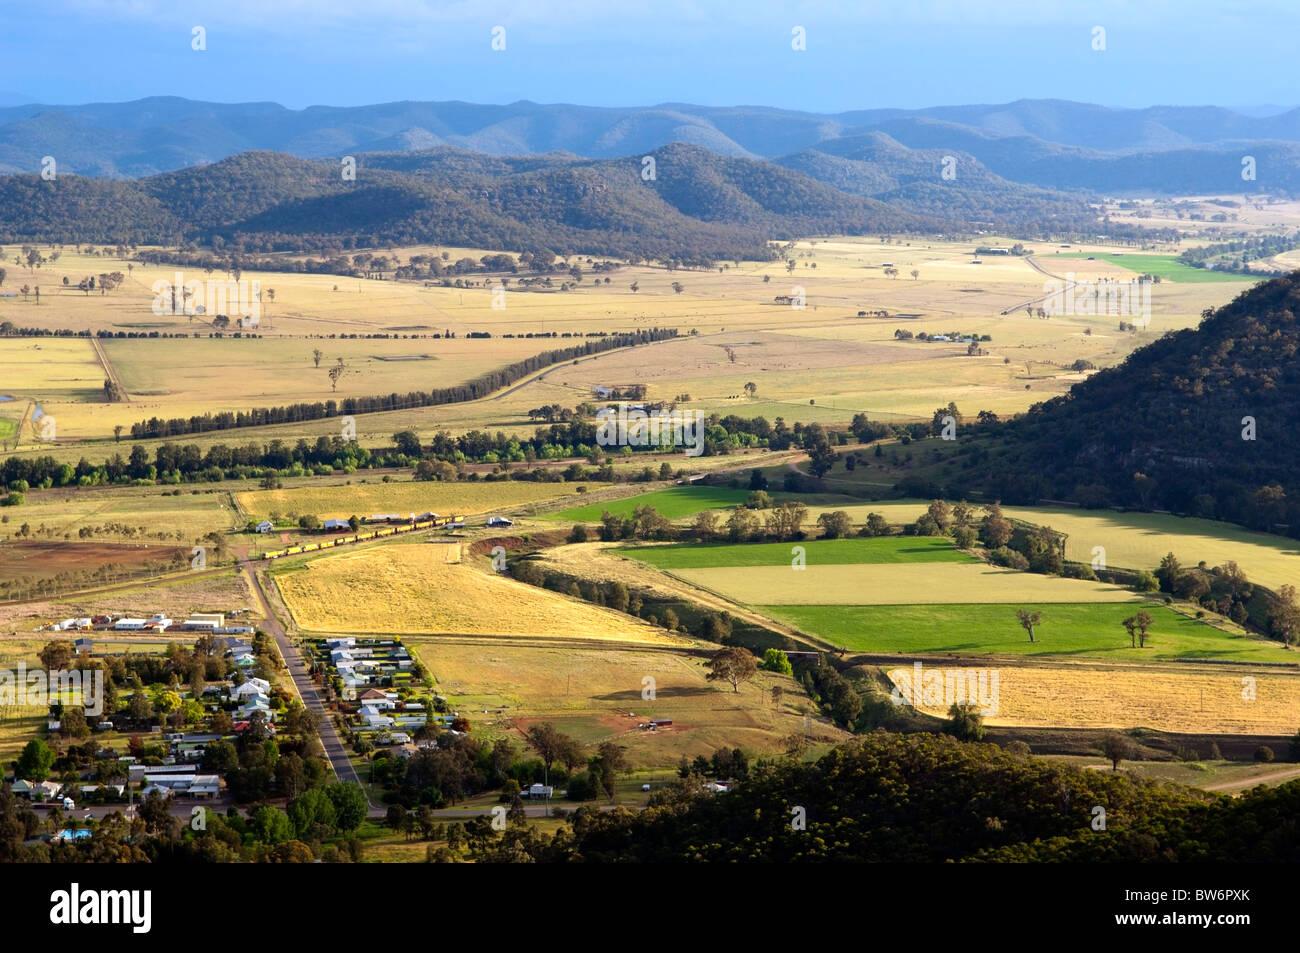 Pays magnifique salon avec petite ville et champs de couleur vive Photo Stock